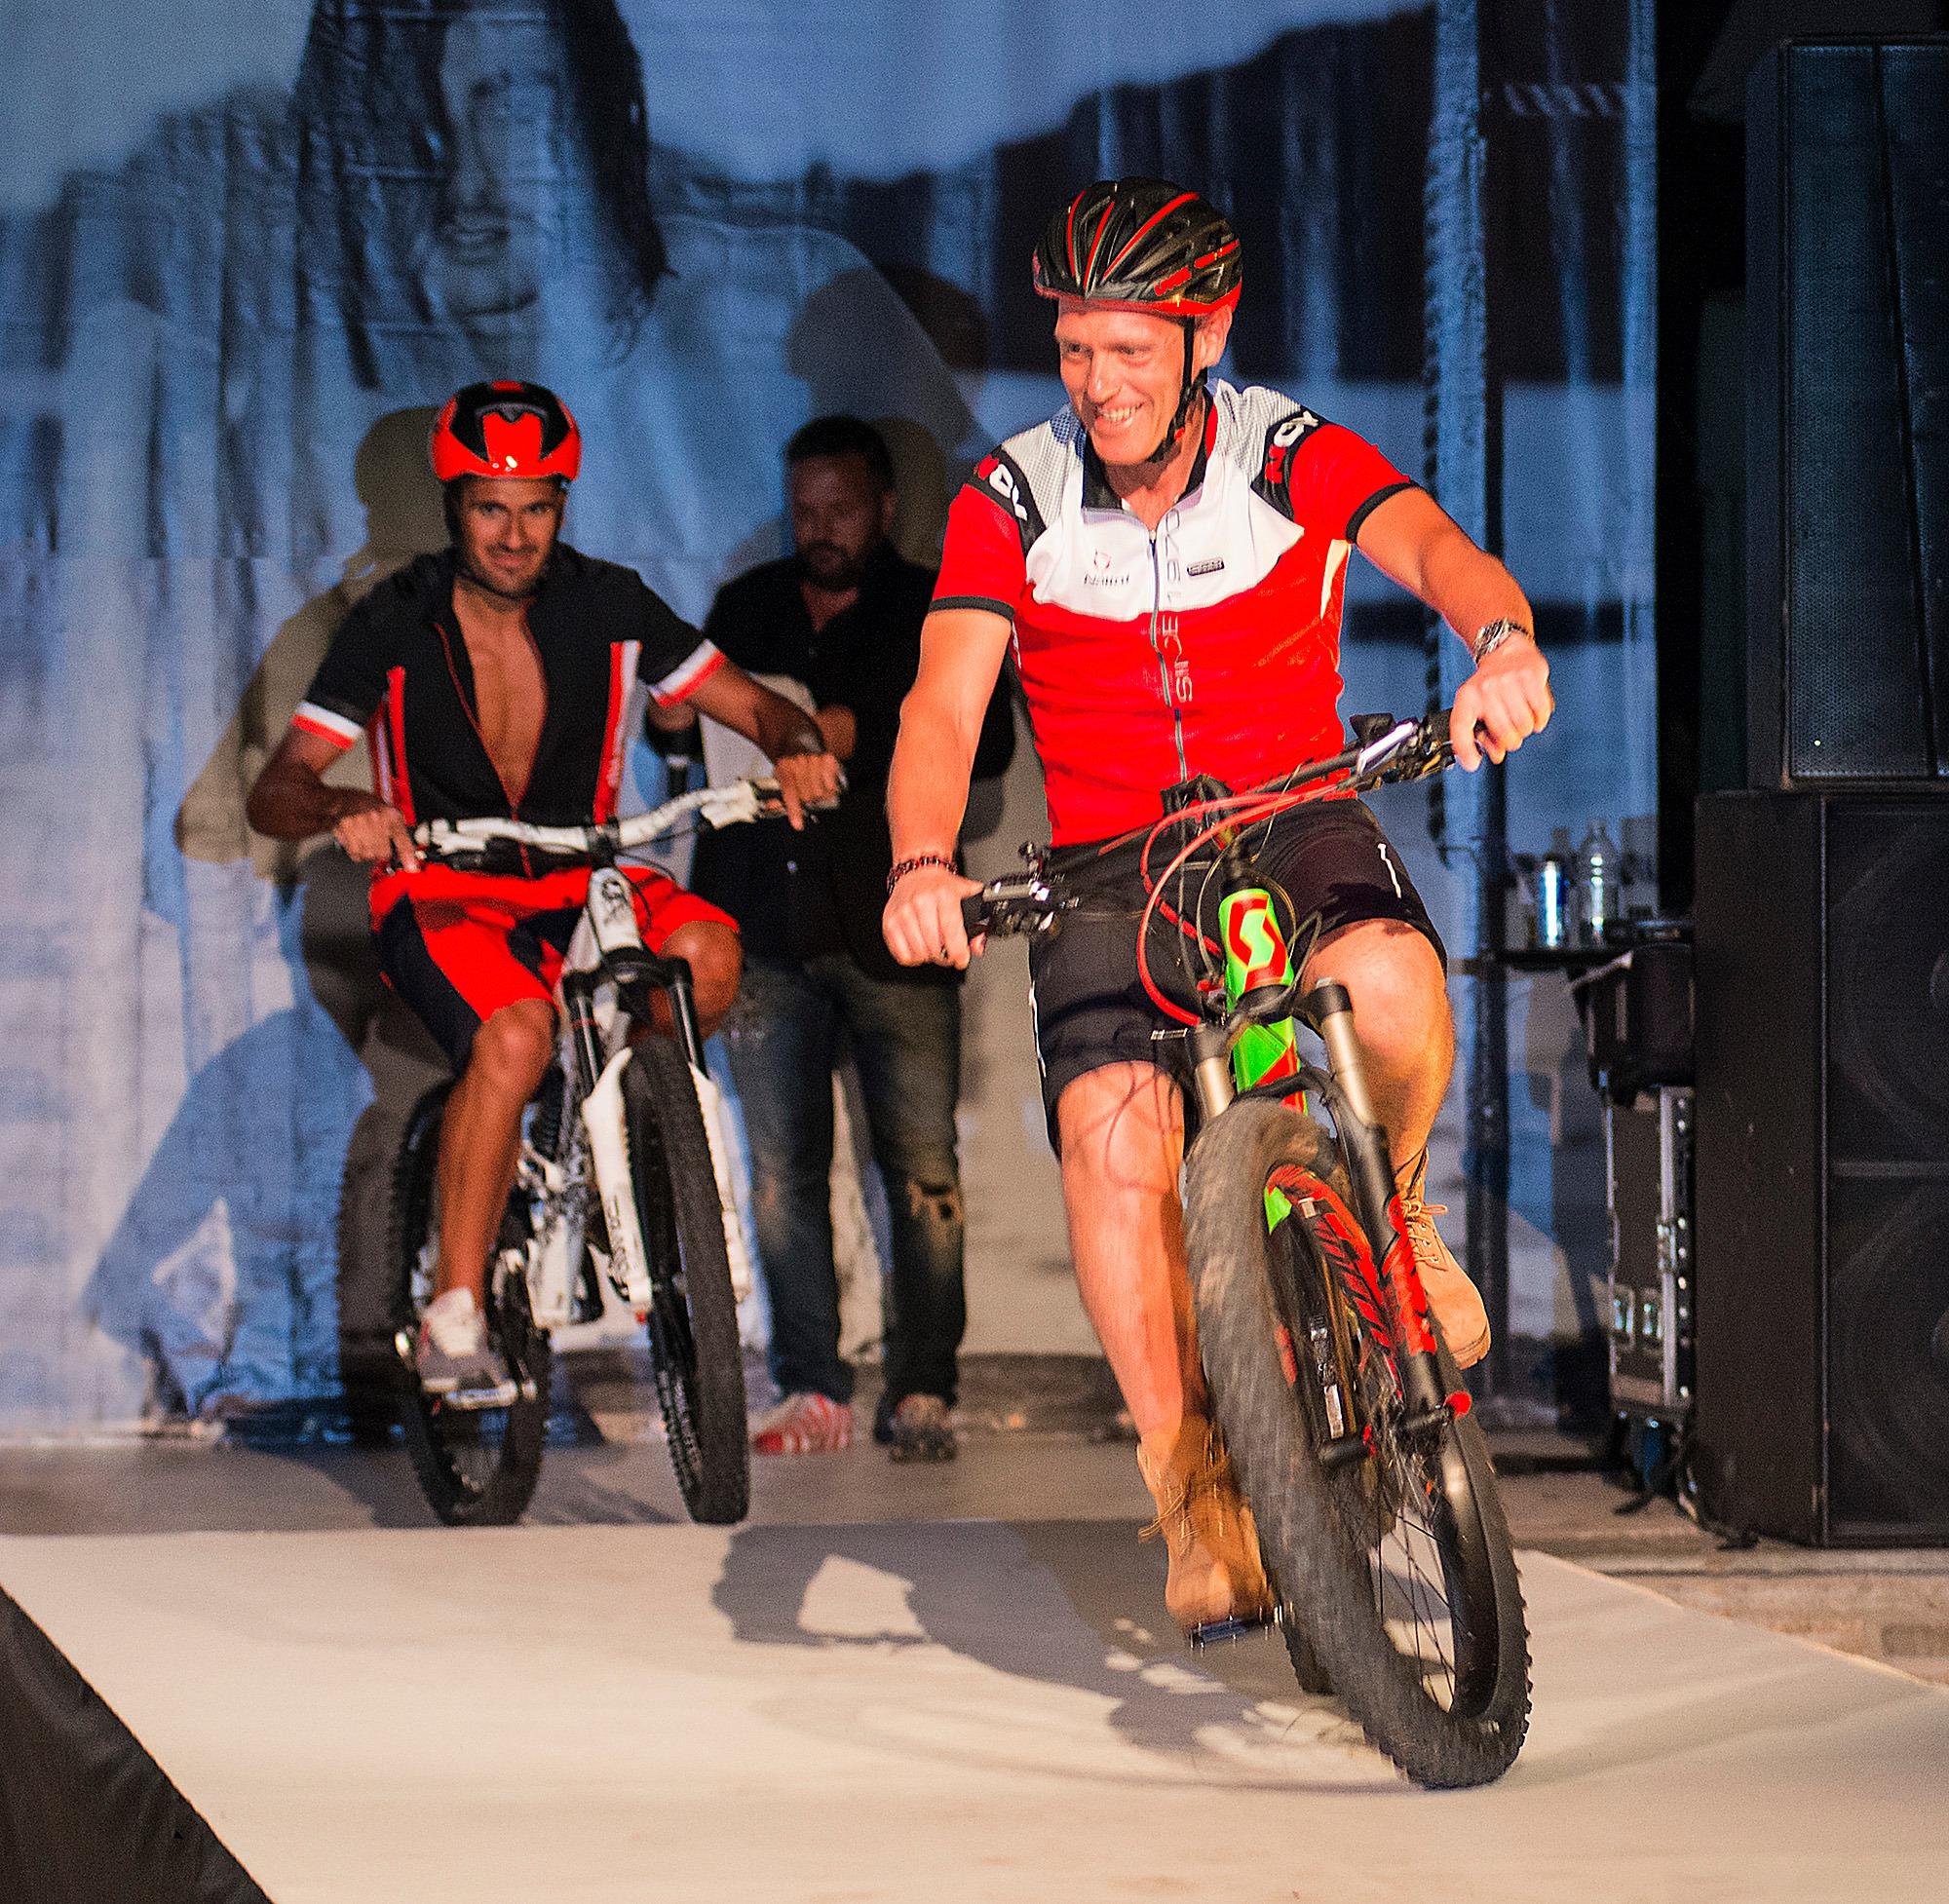 sfilata botteroski abbigliamento bike